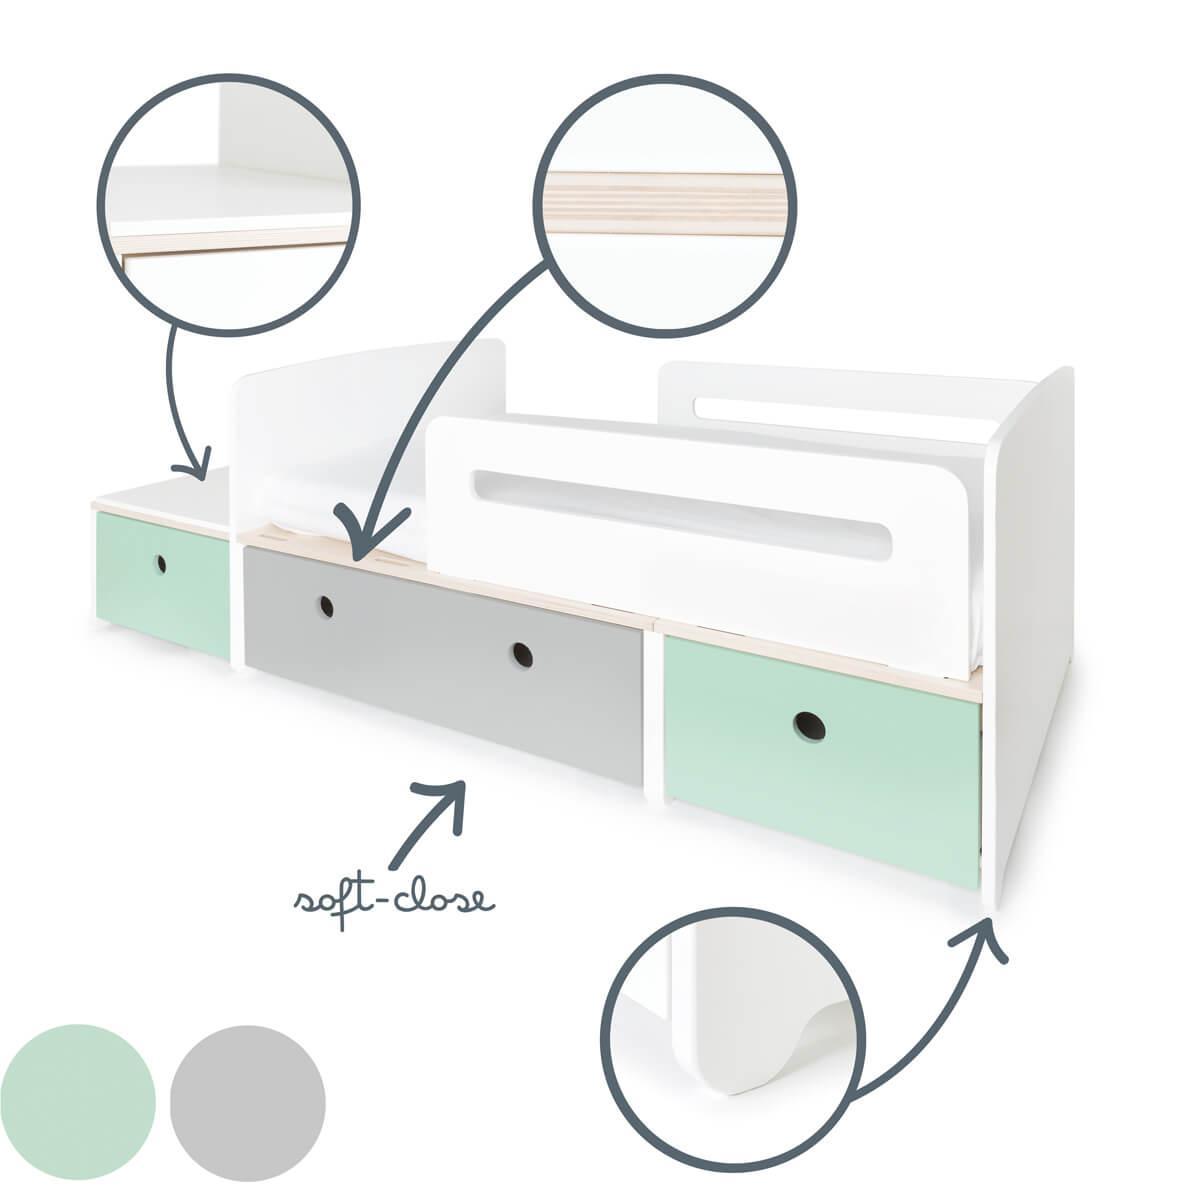 Juniorbett mitwachsend 90x150/200cm COLORFLEX mint-pearl grey-mint